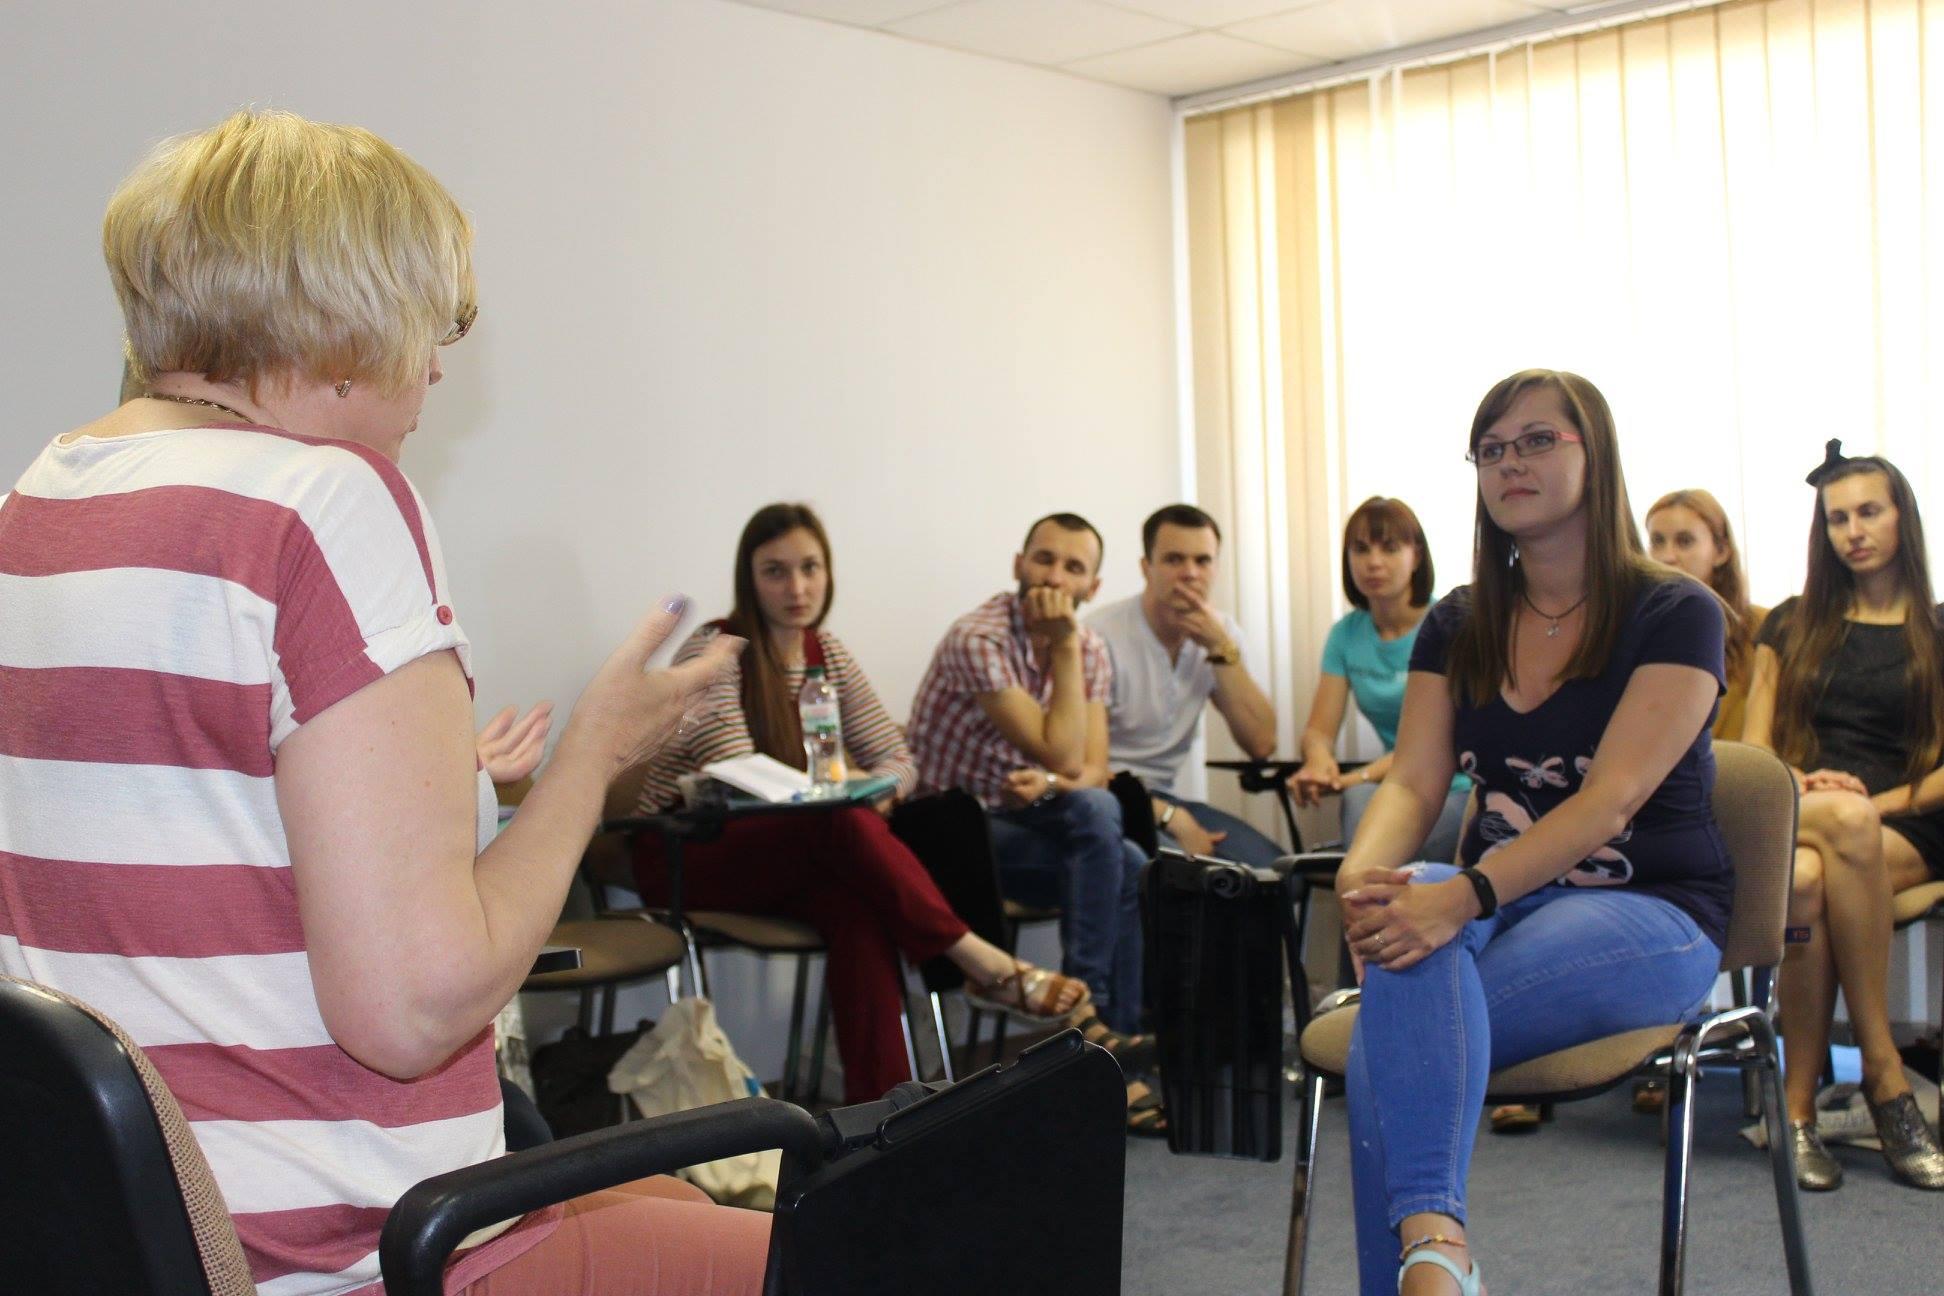 Оголошено відбір на тренінг для психологів, соціальних педагогів та соціальних працівників (м. Харків, серпень 2018)